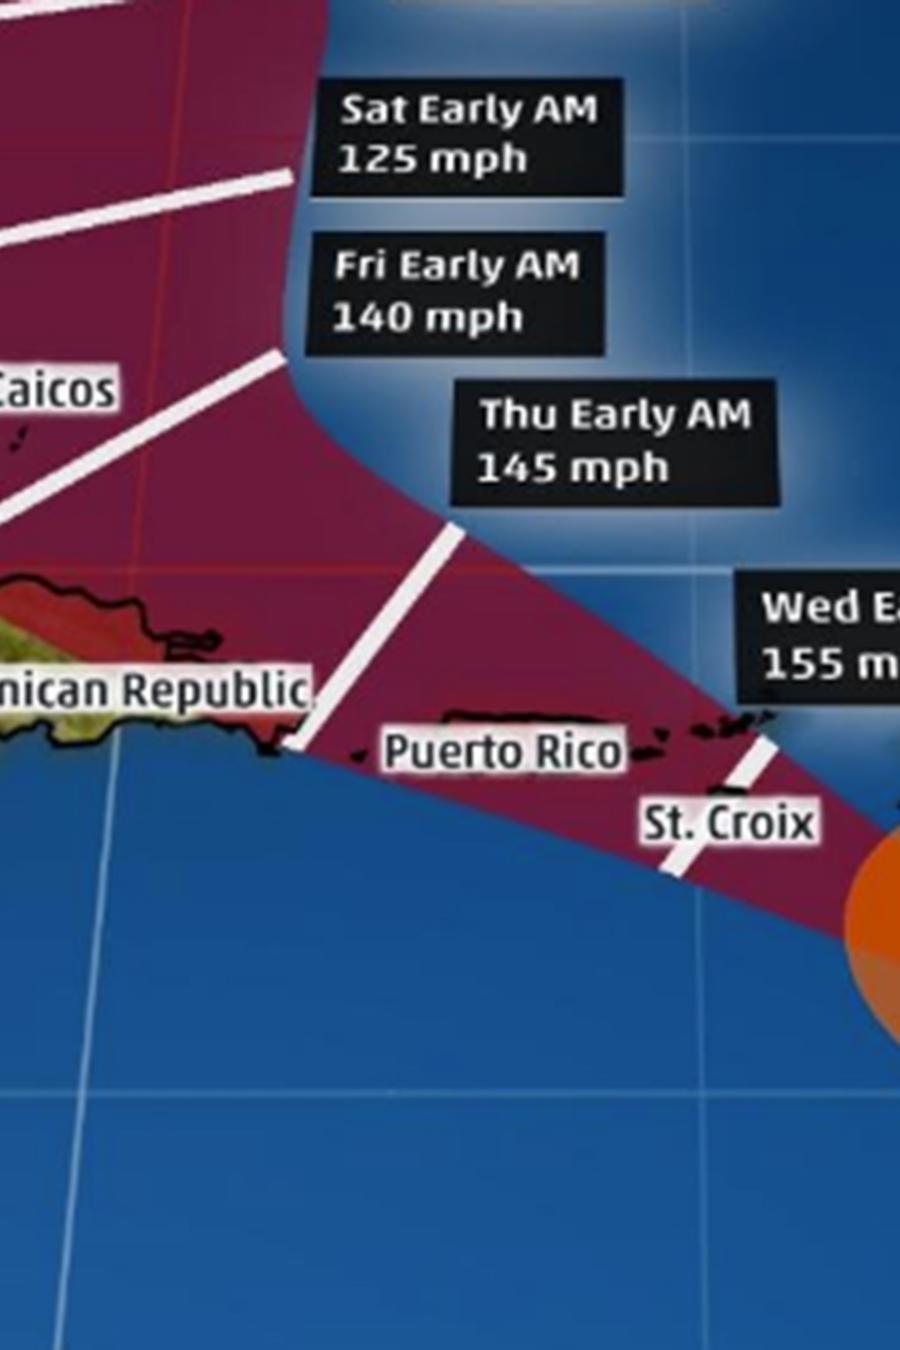 Posible trayectoria del huracán María